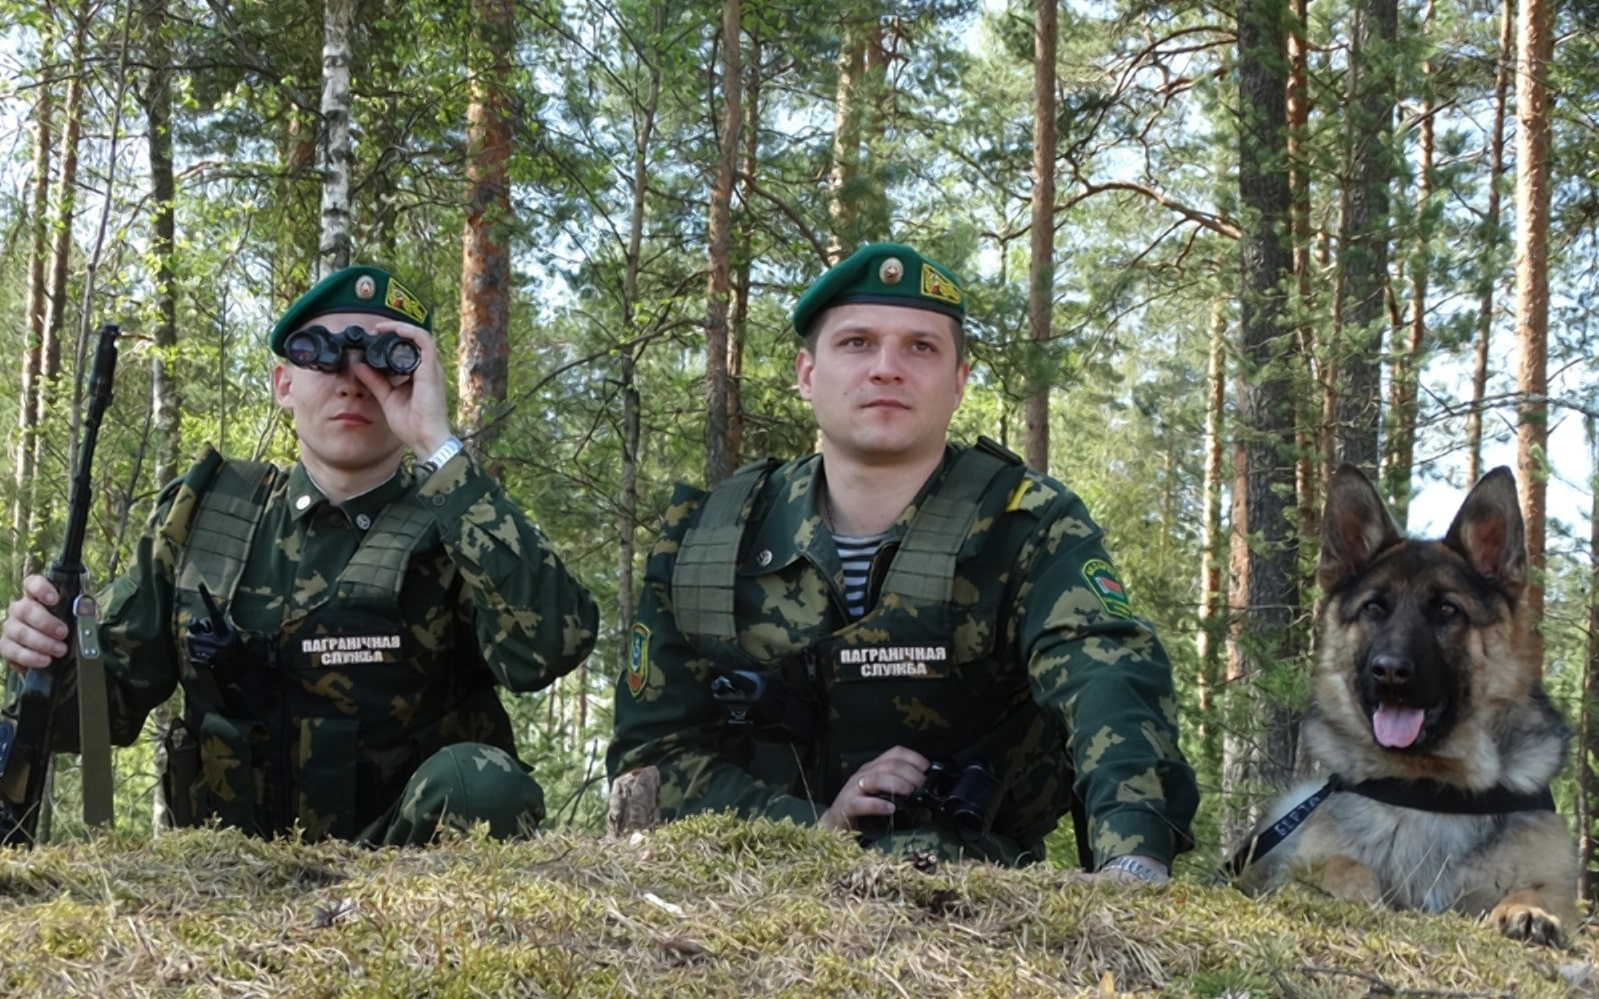 Государственная граница -2, о пограничниках Беларуси